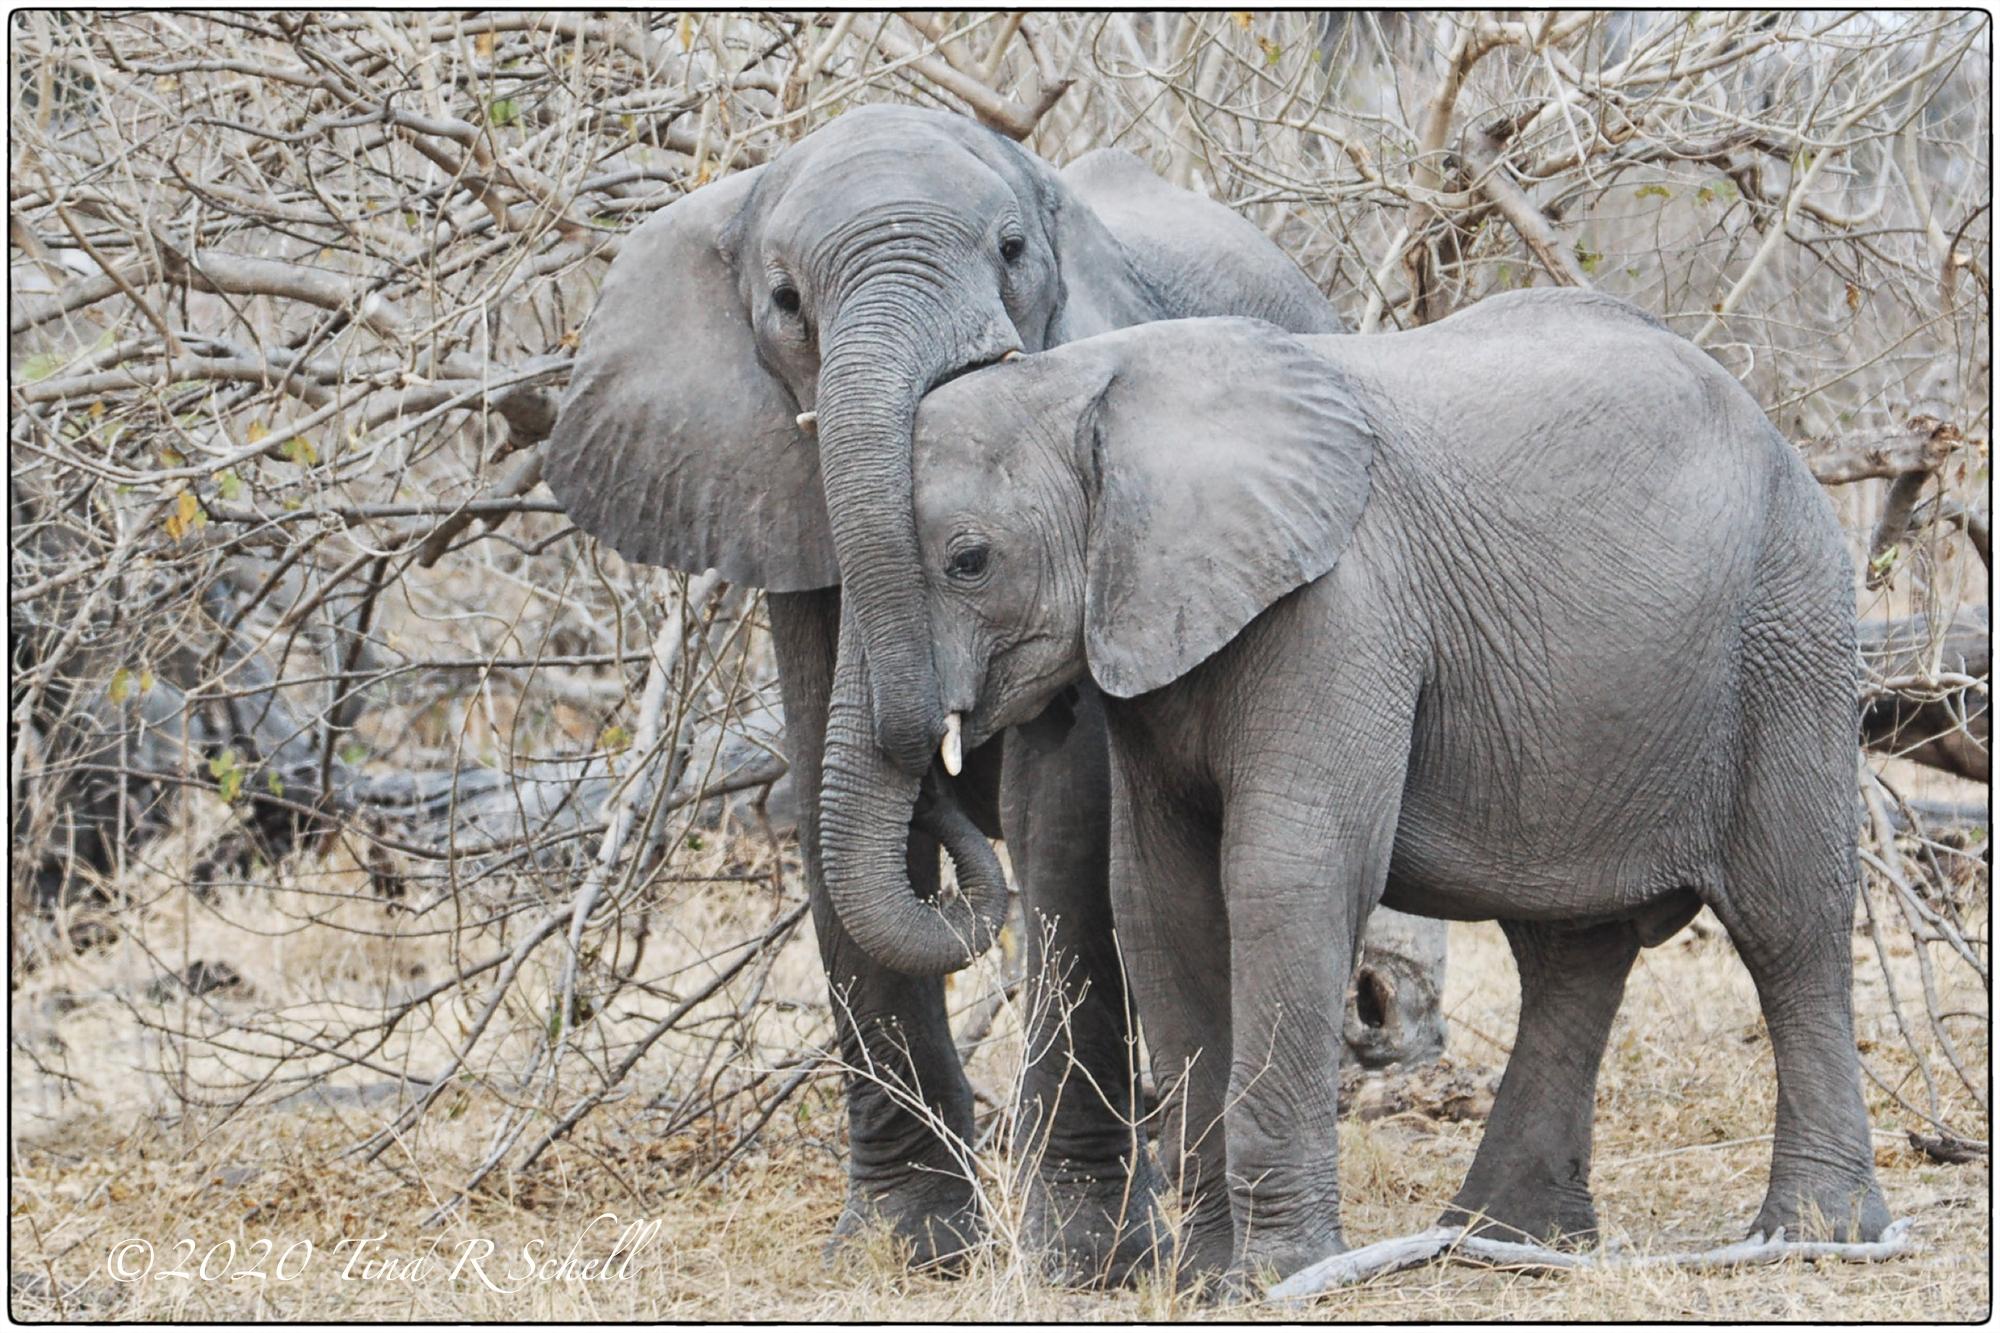 2 elephants embrace